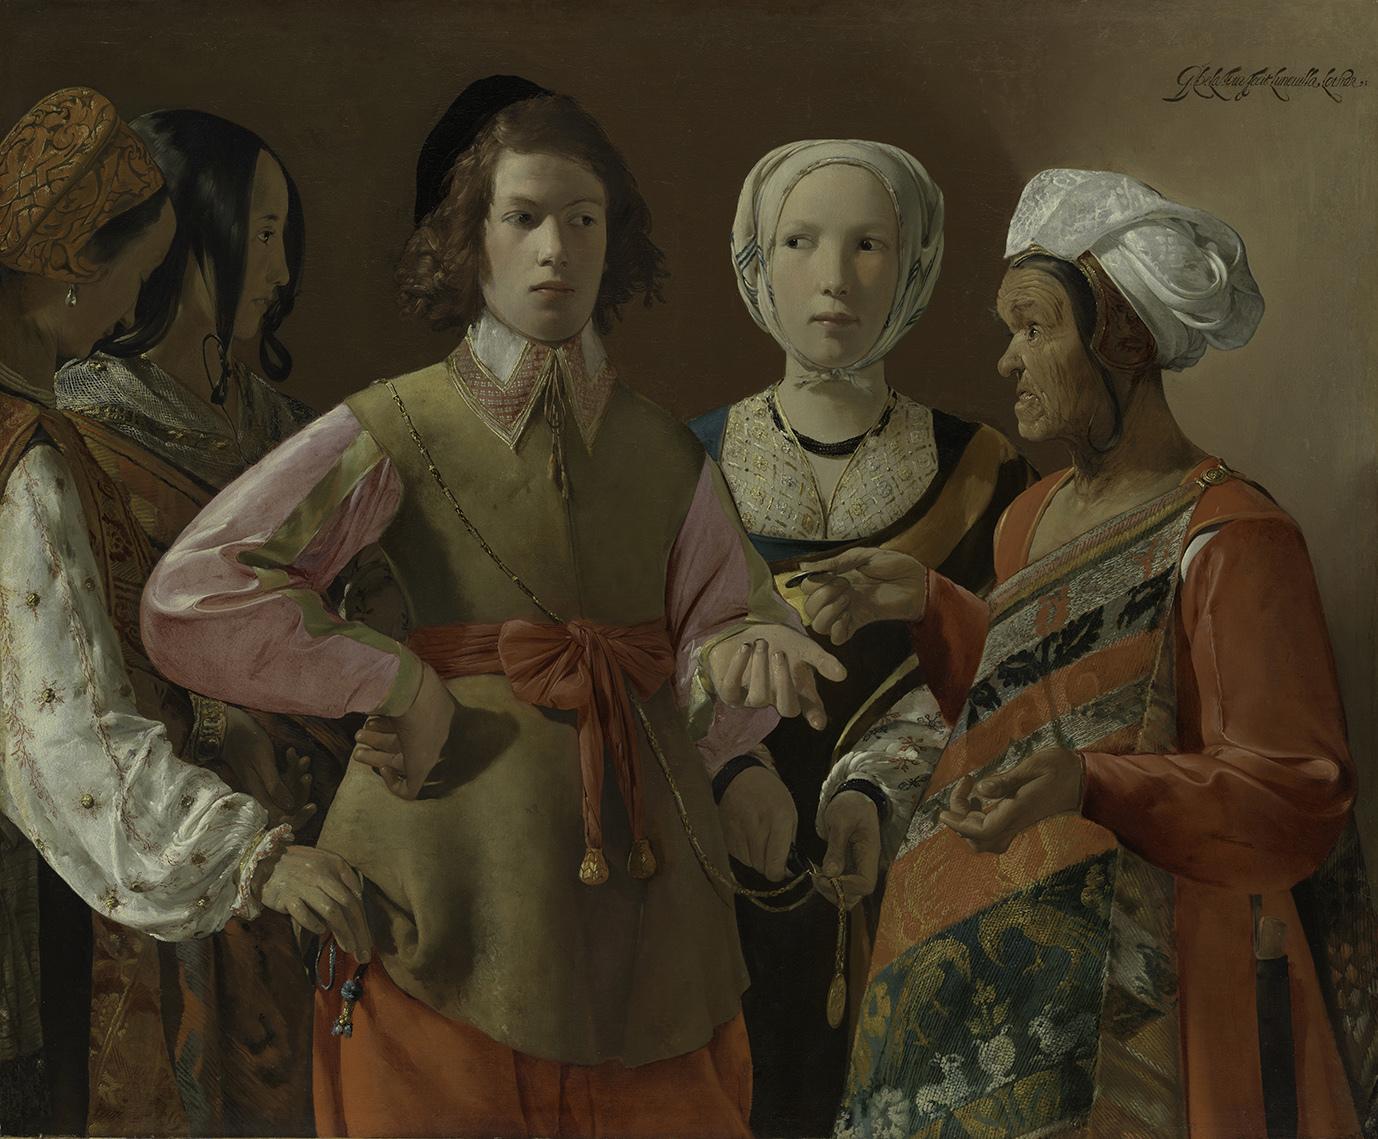 ジョルジュ・ド・ラ・トゥール《女占い師》おそらく1630年代 油彩、カンヴァス 101.9x123.5cm メトロポリタン美術館